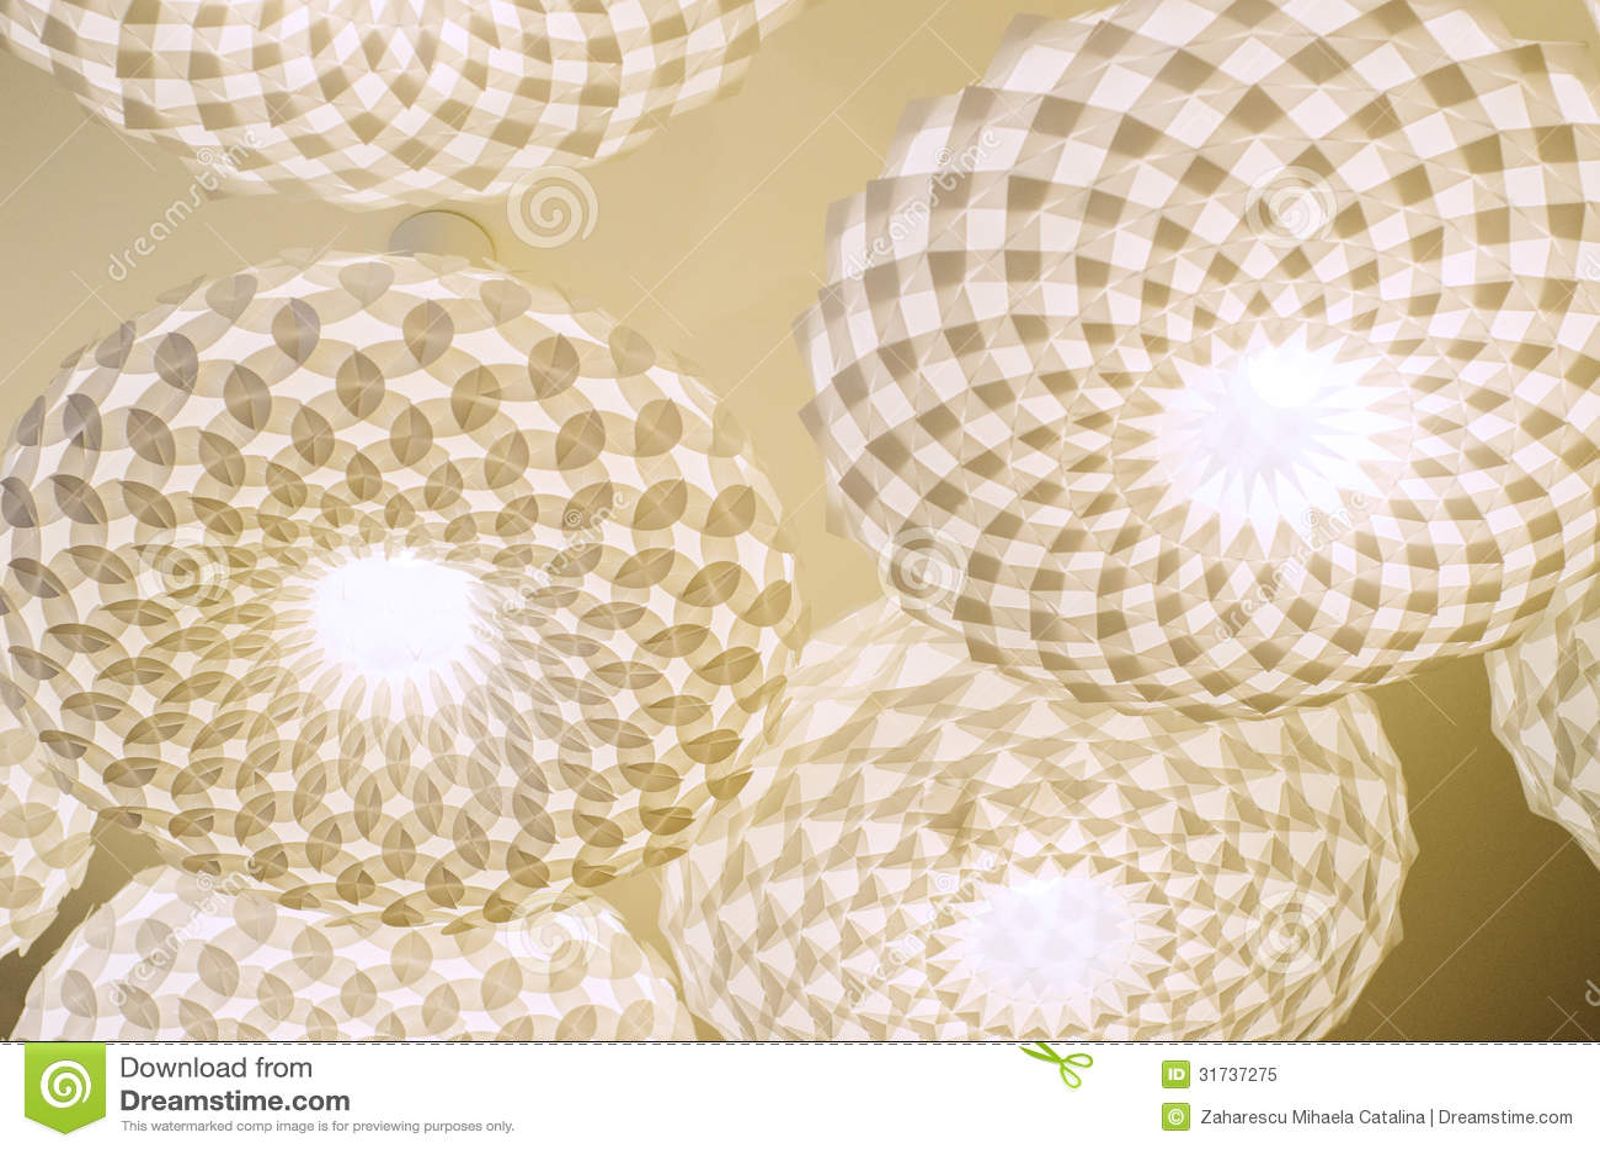 Fancy ceiling lamps